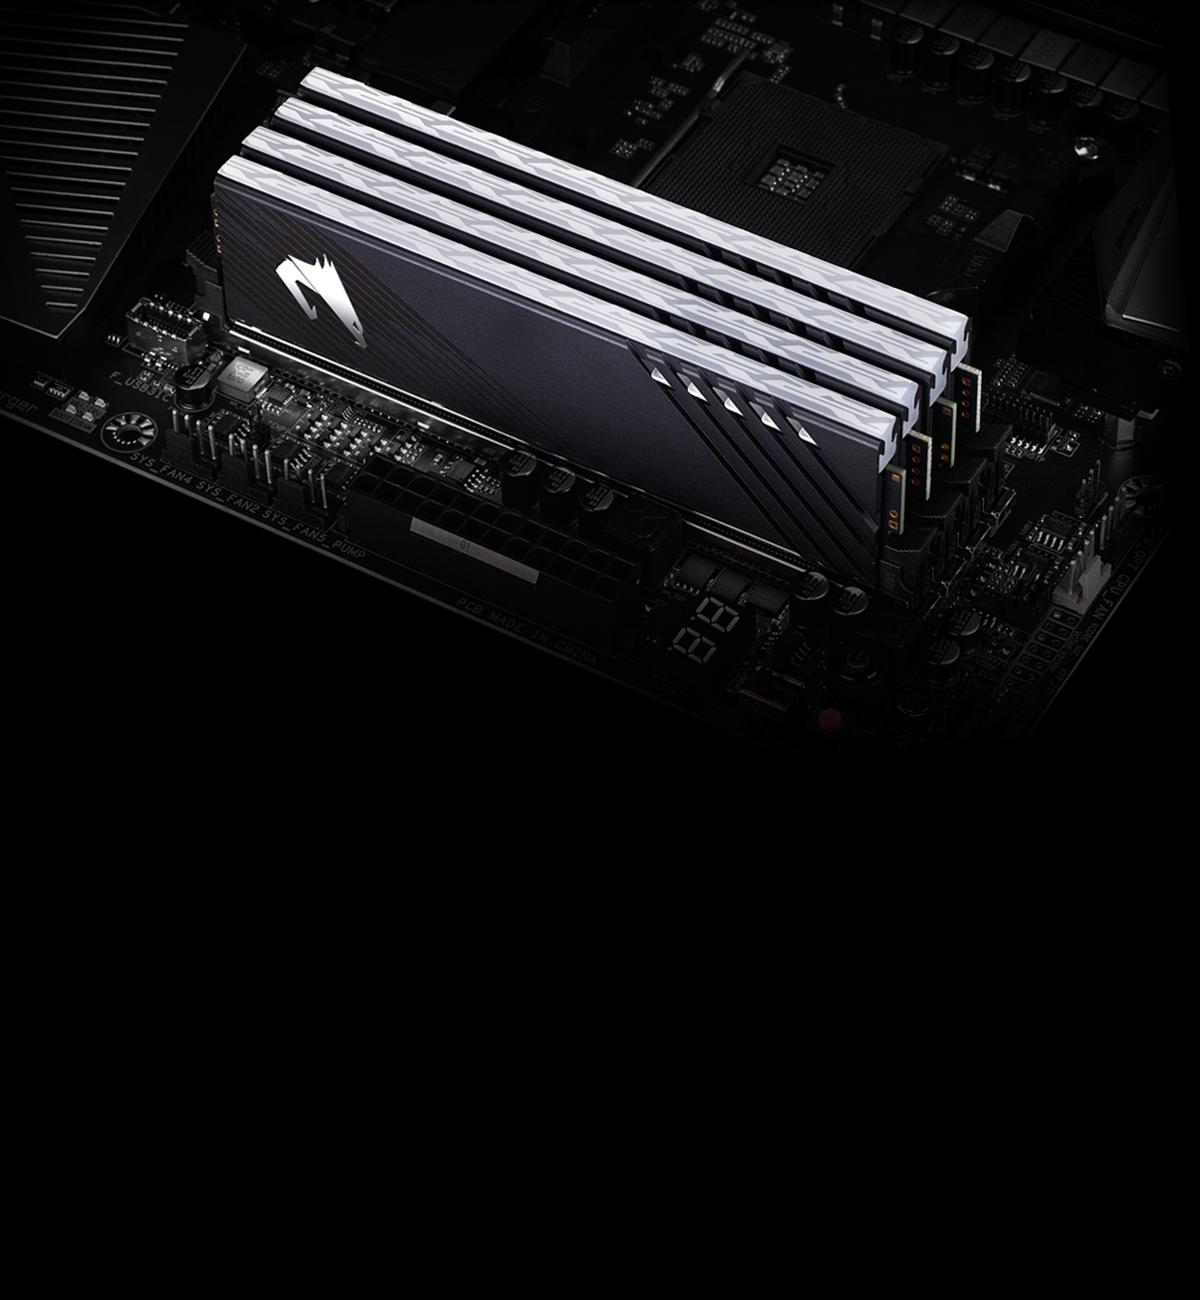 Gigabyte AORUS RGB Memory 16GB (2x8GB) 3200MHz - GP-ARS16G32 12